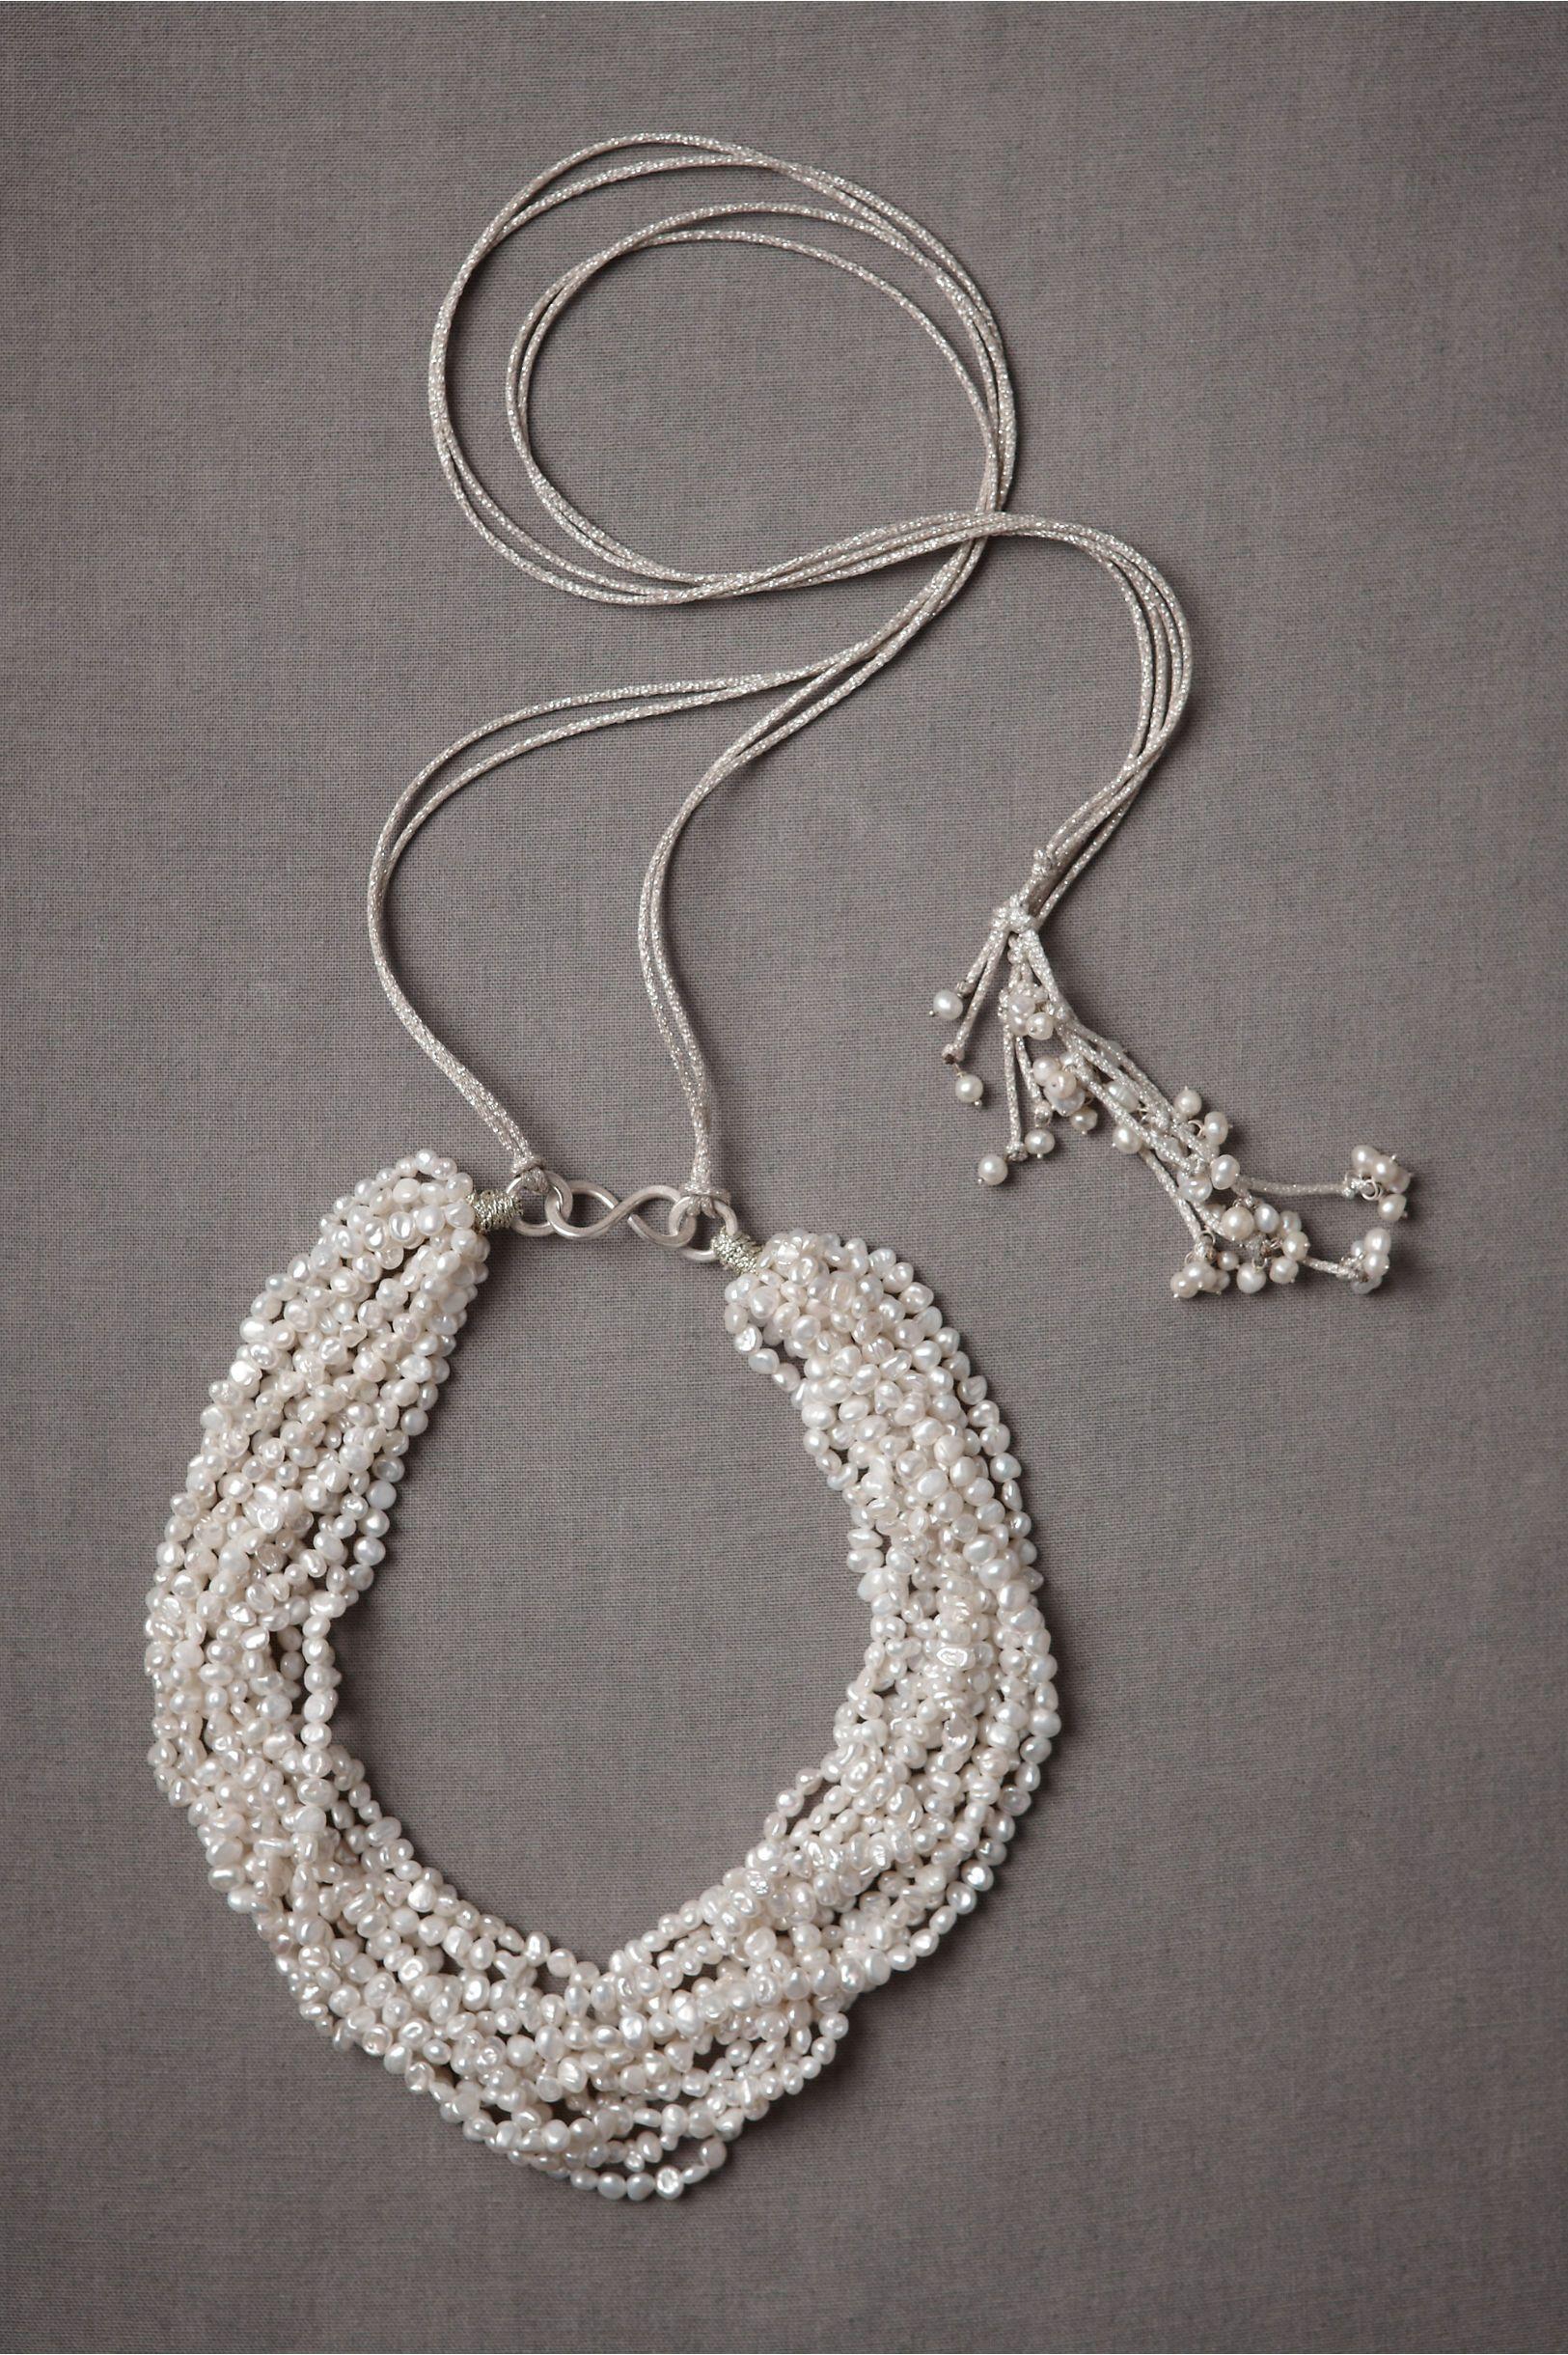 Claire de Divonne mellifluous necklace. $635